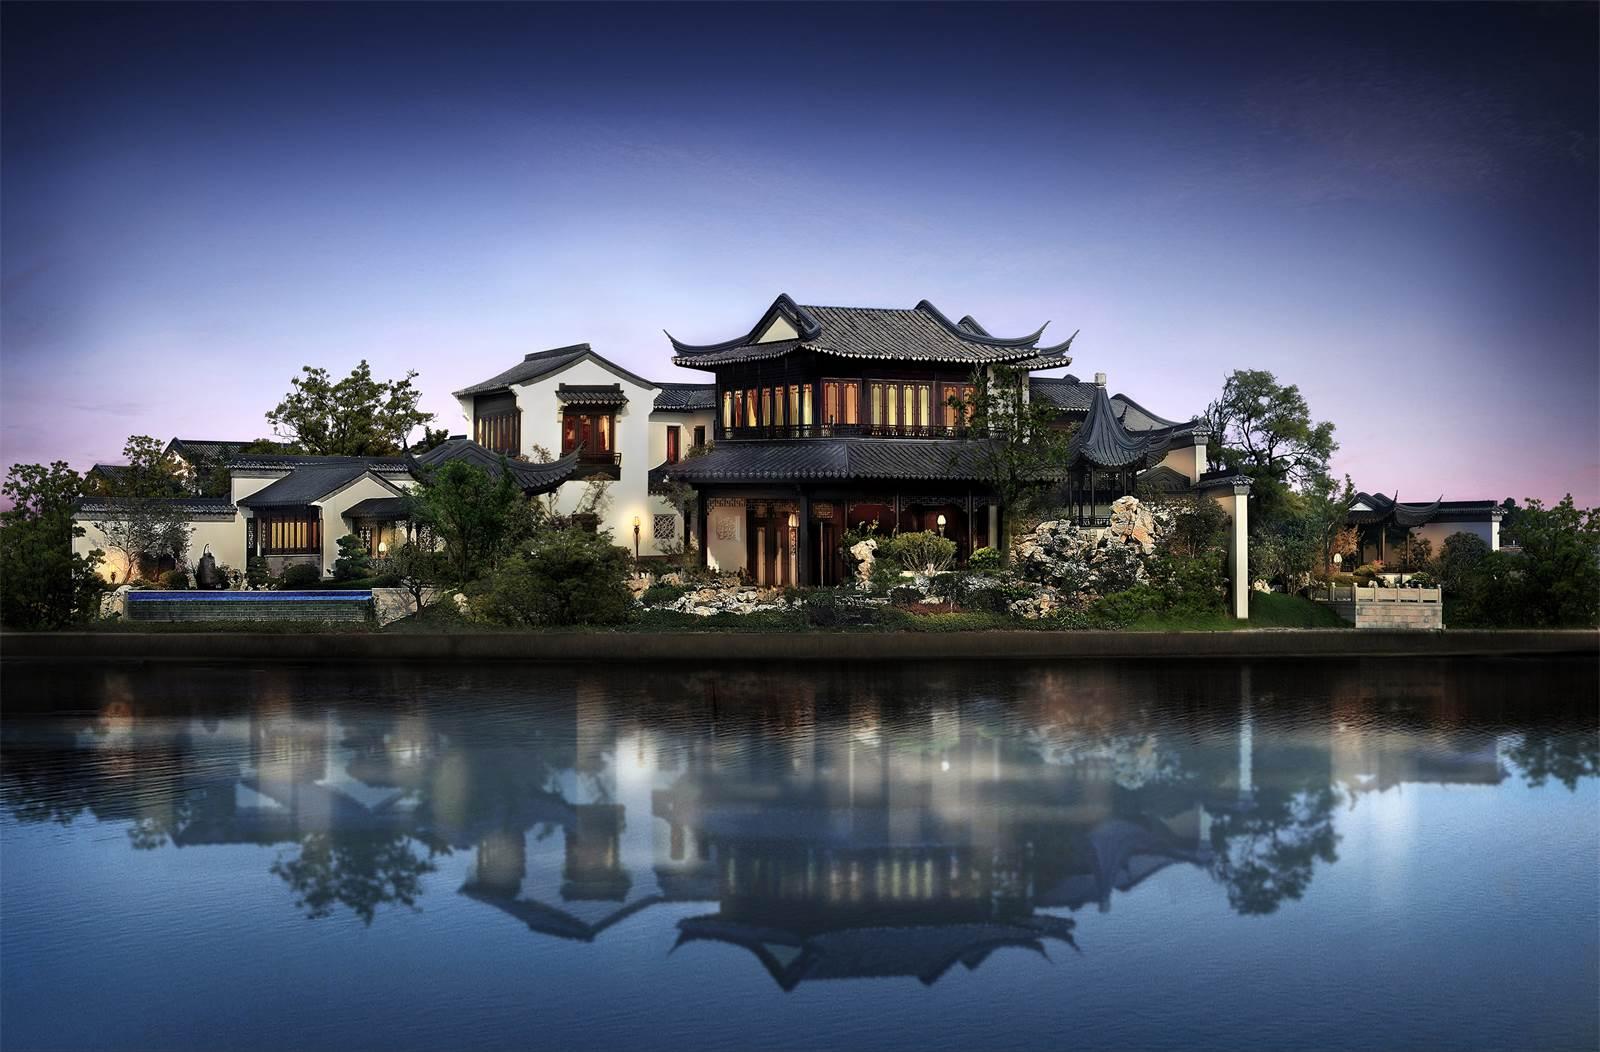 Бесплатные фото самых красивых домов мира изнутри и снаружи крупным планом фото 206-244